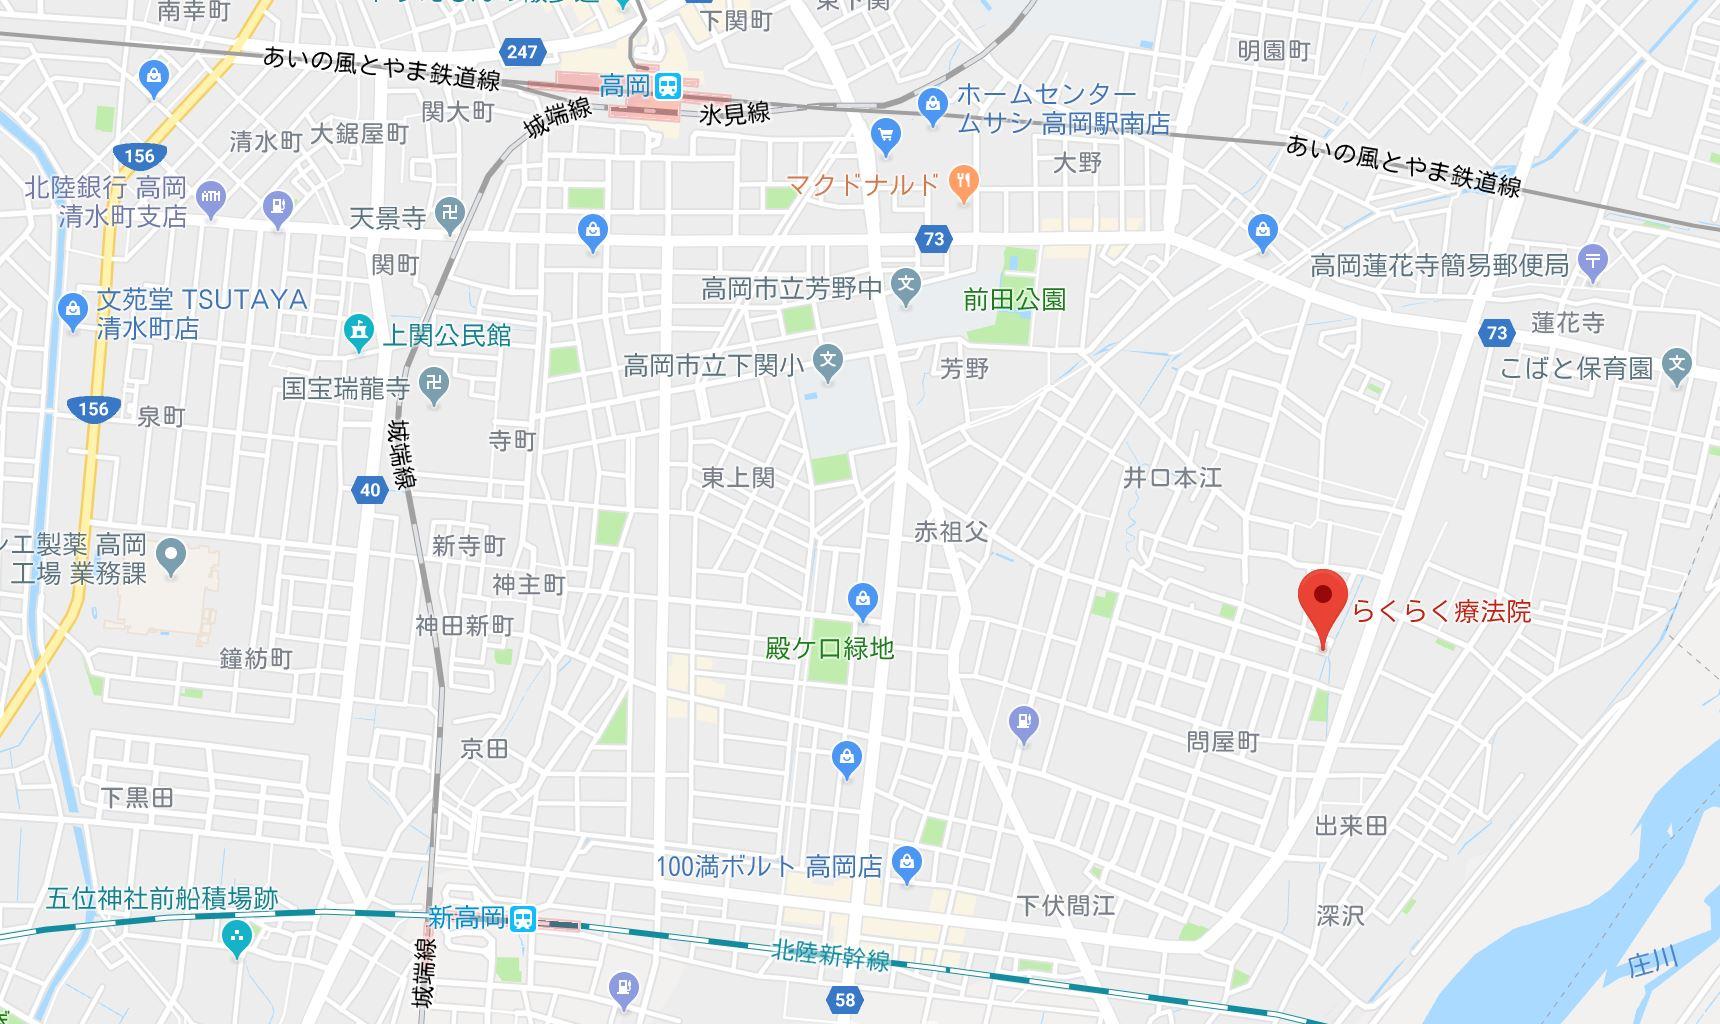 地図 高岡駅8分 富山県 高岡市 気功 整体 カイロプラクティック